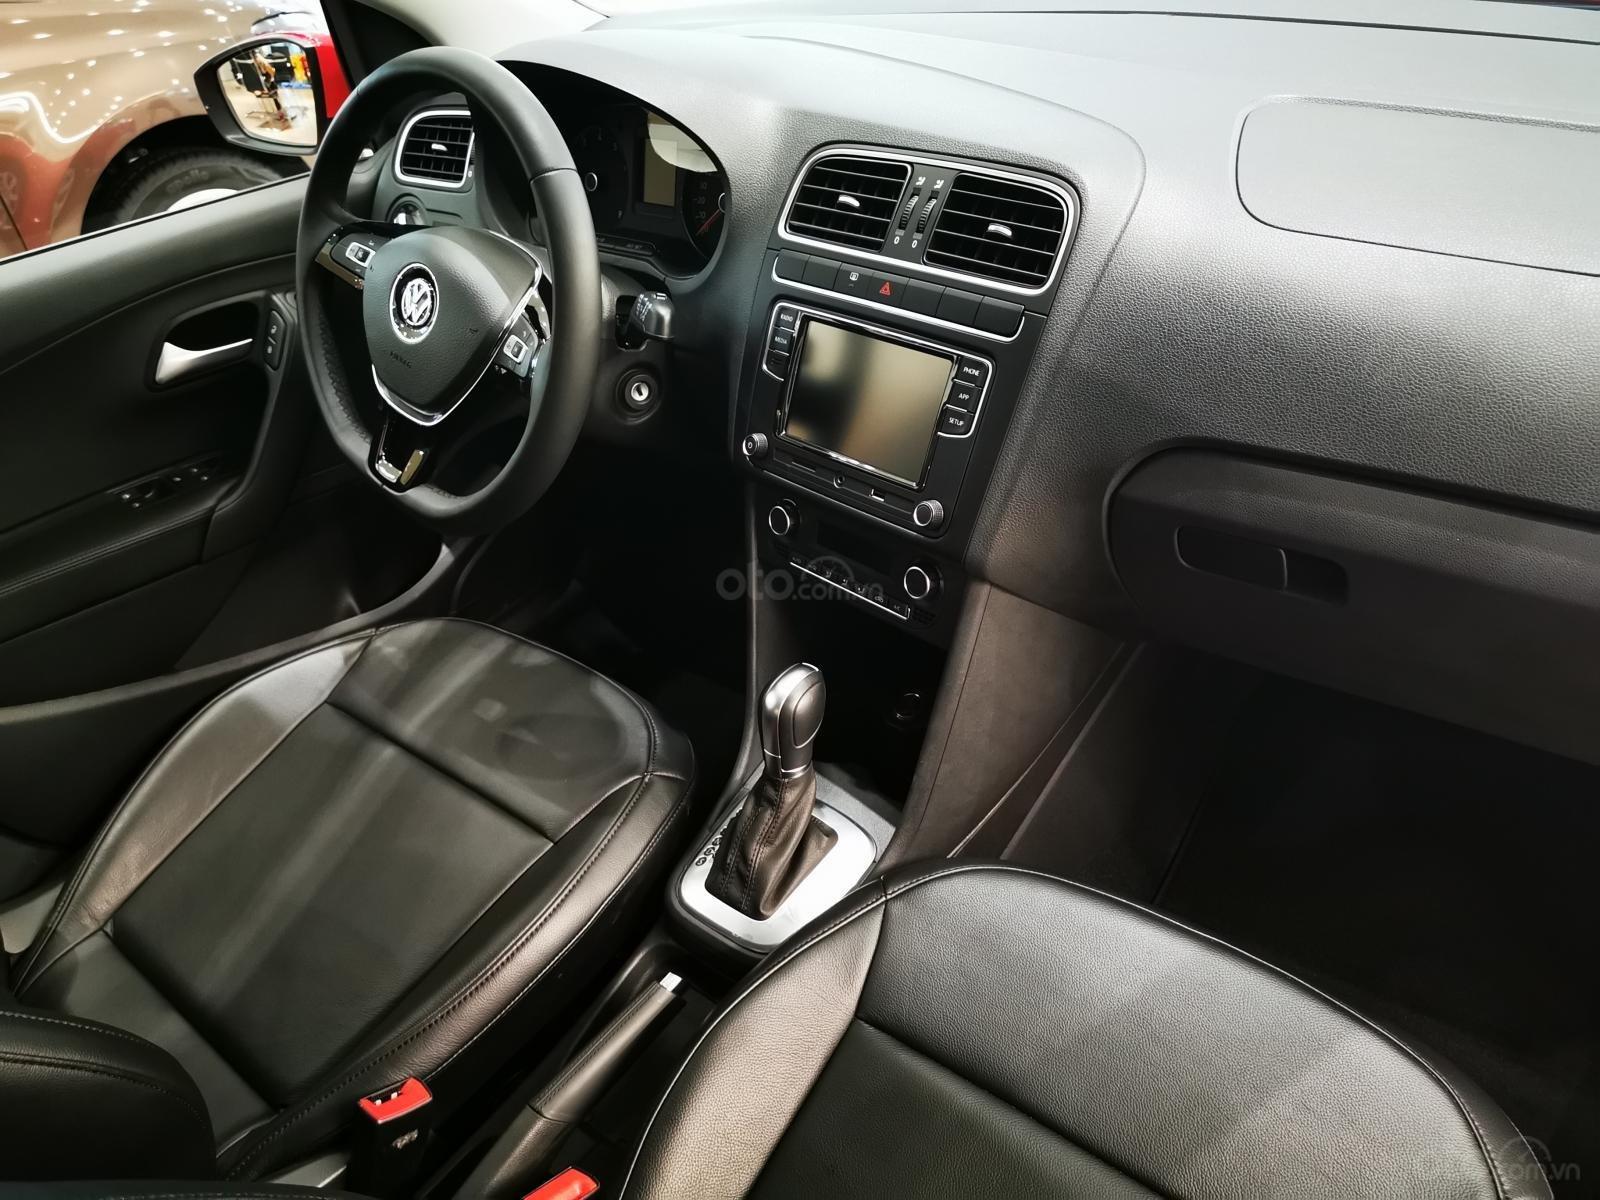 Bán ô tô Volkswagen Polo Hatchback 2018, màu đỏ, nhập khẩu nguyên chiếc - hỗ trợ 100% trước bạ (11)